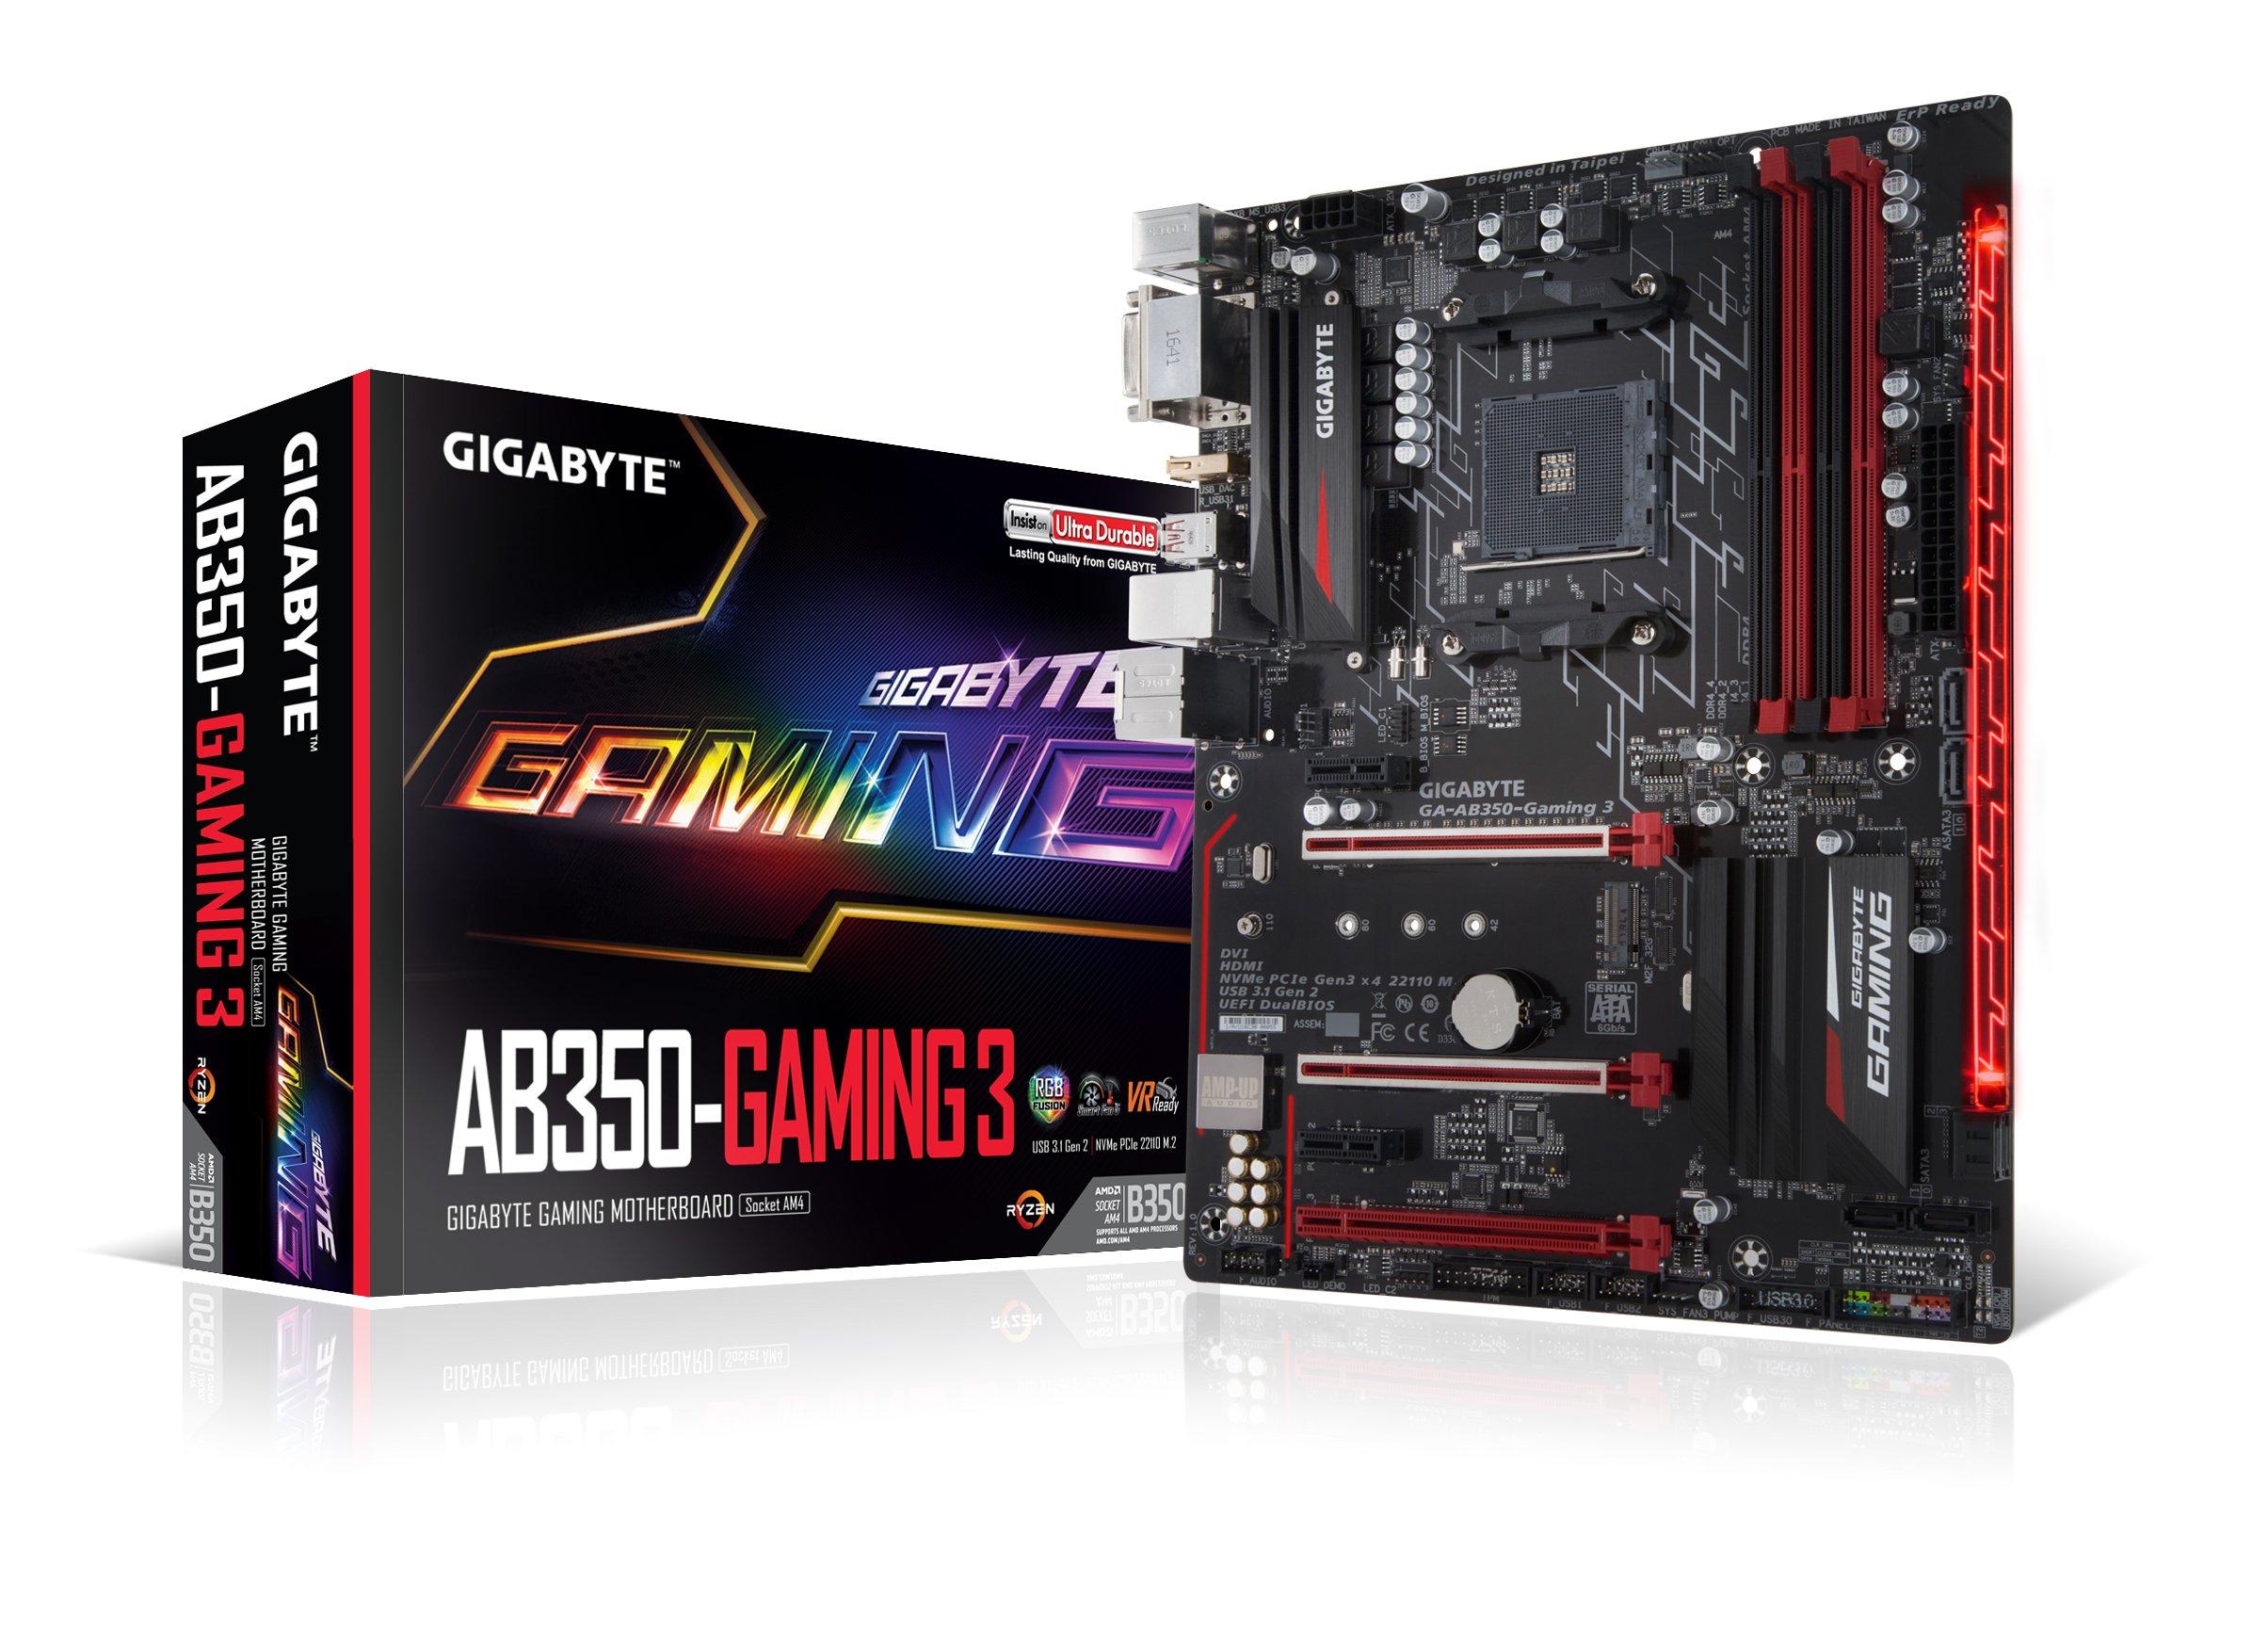 GIGABYTE GA-AB350-Gaming 3 AMD RYZEN AM4 B350 RGB Fusion Smart Fan 5 HDMI1.4 M.2 SATA 6Gbps USB 3.1 Type-A ATX DDR4 Motherboard by Gigabyte